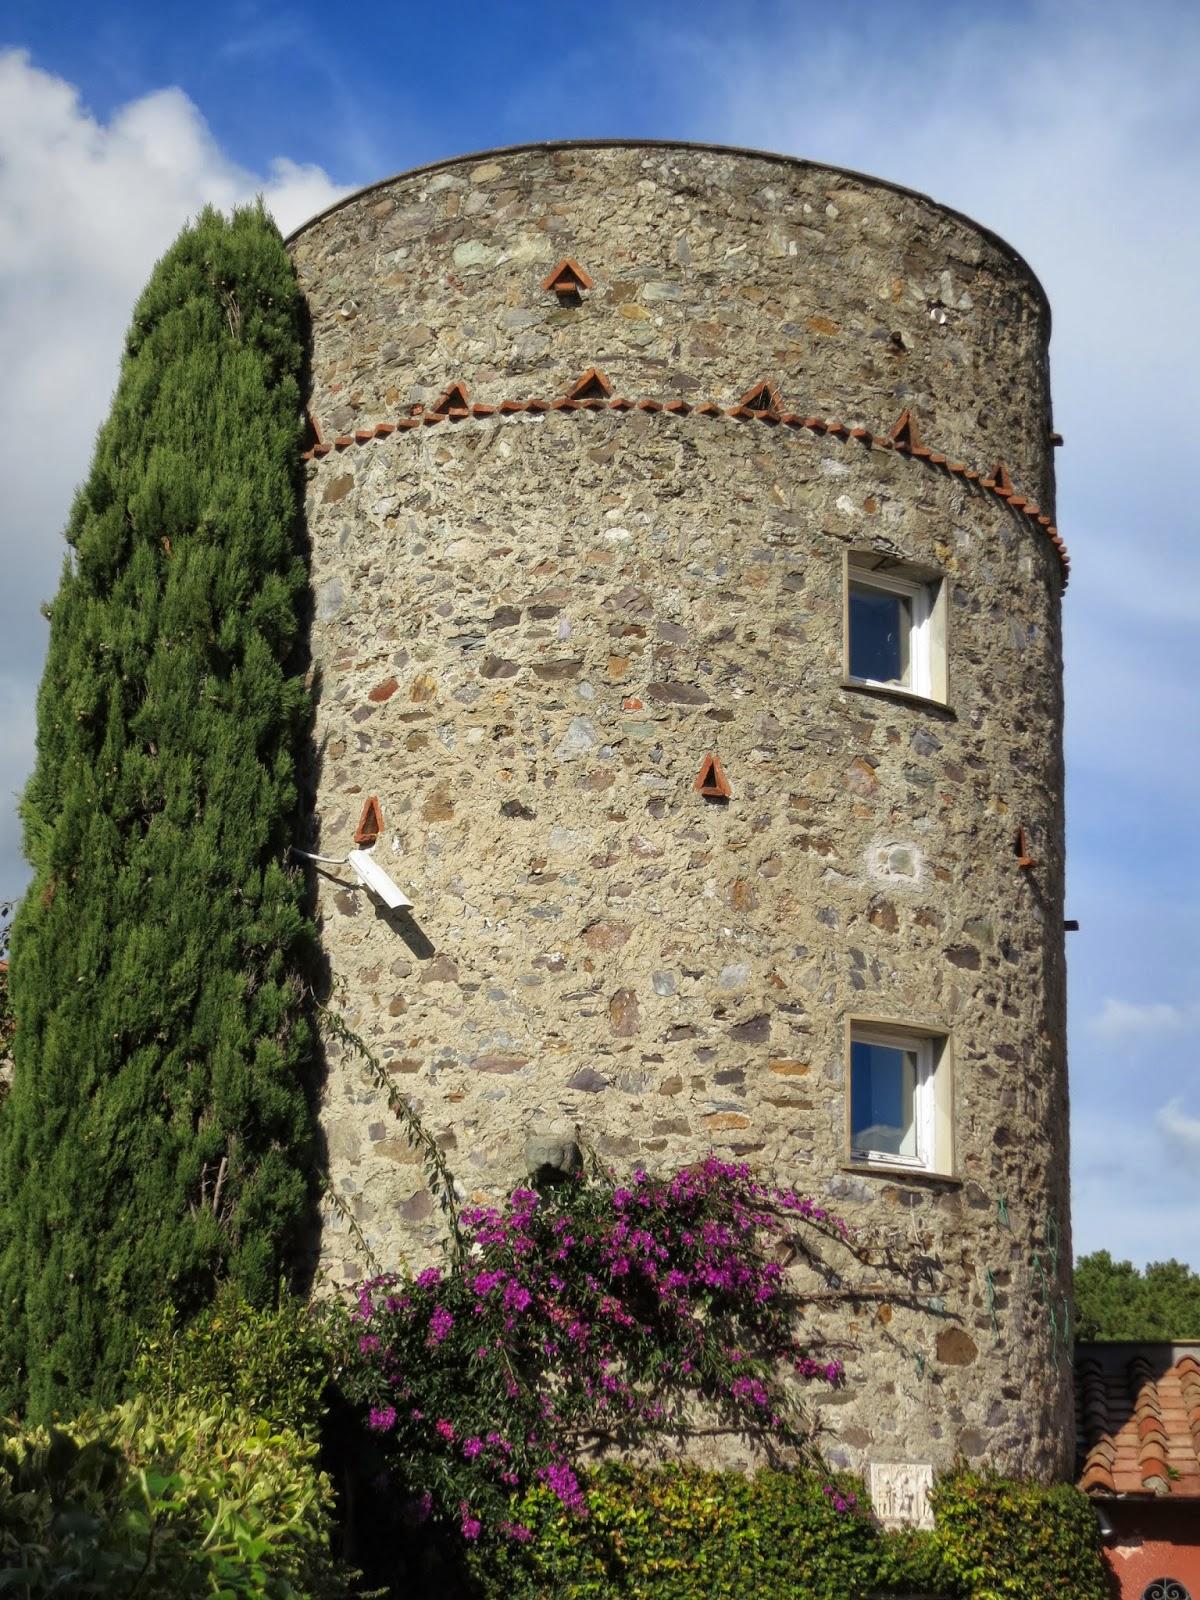 Montemarcello watchtower